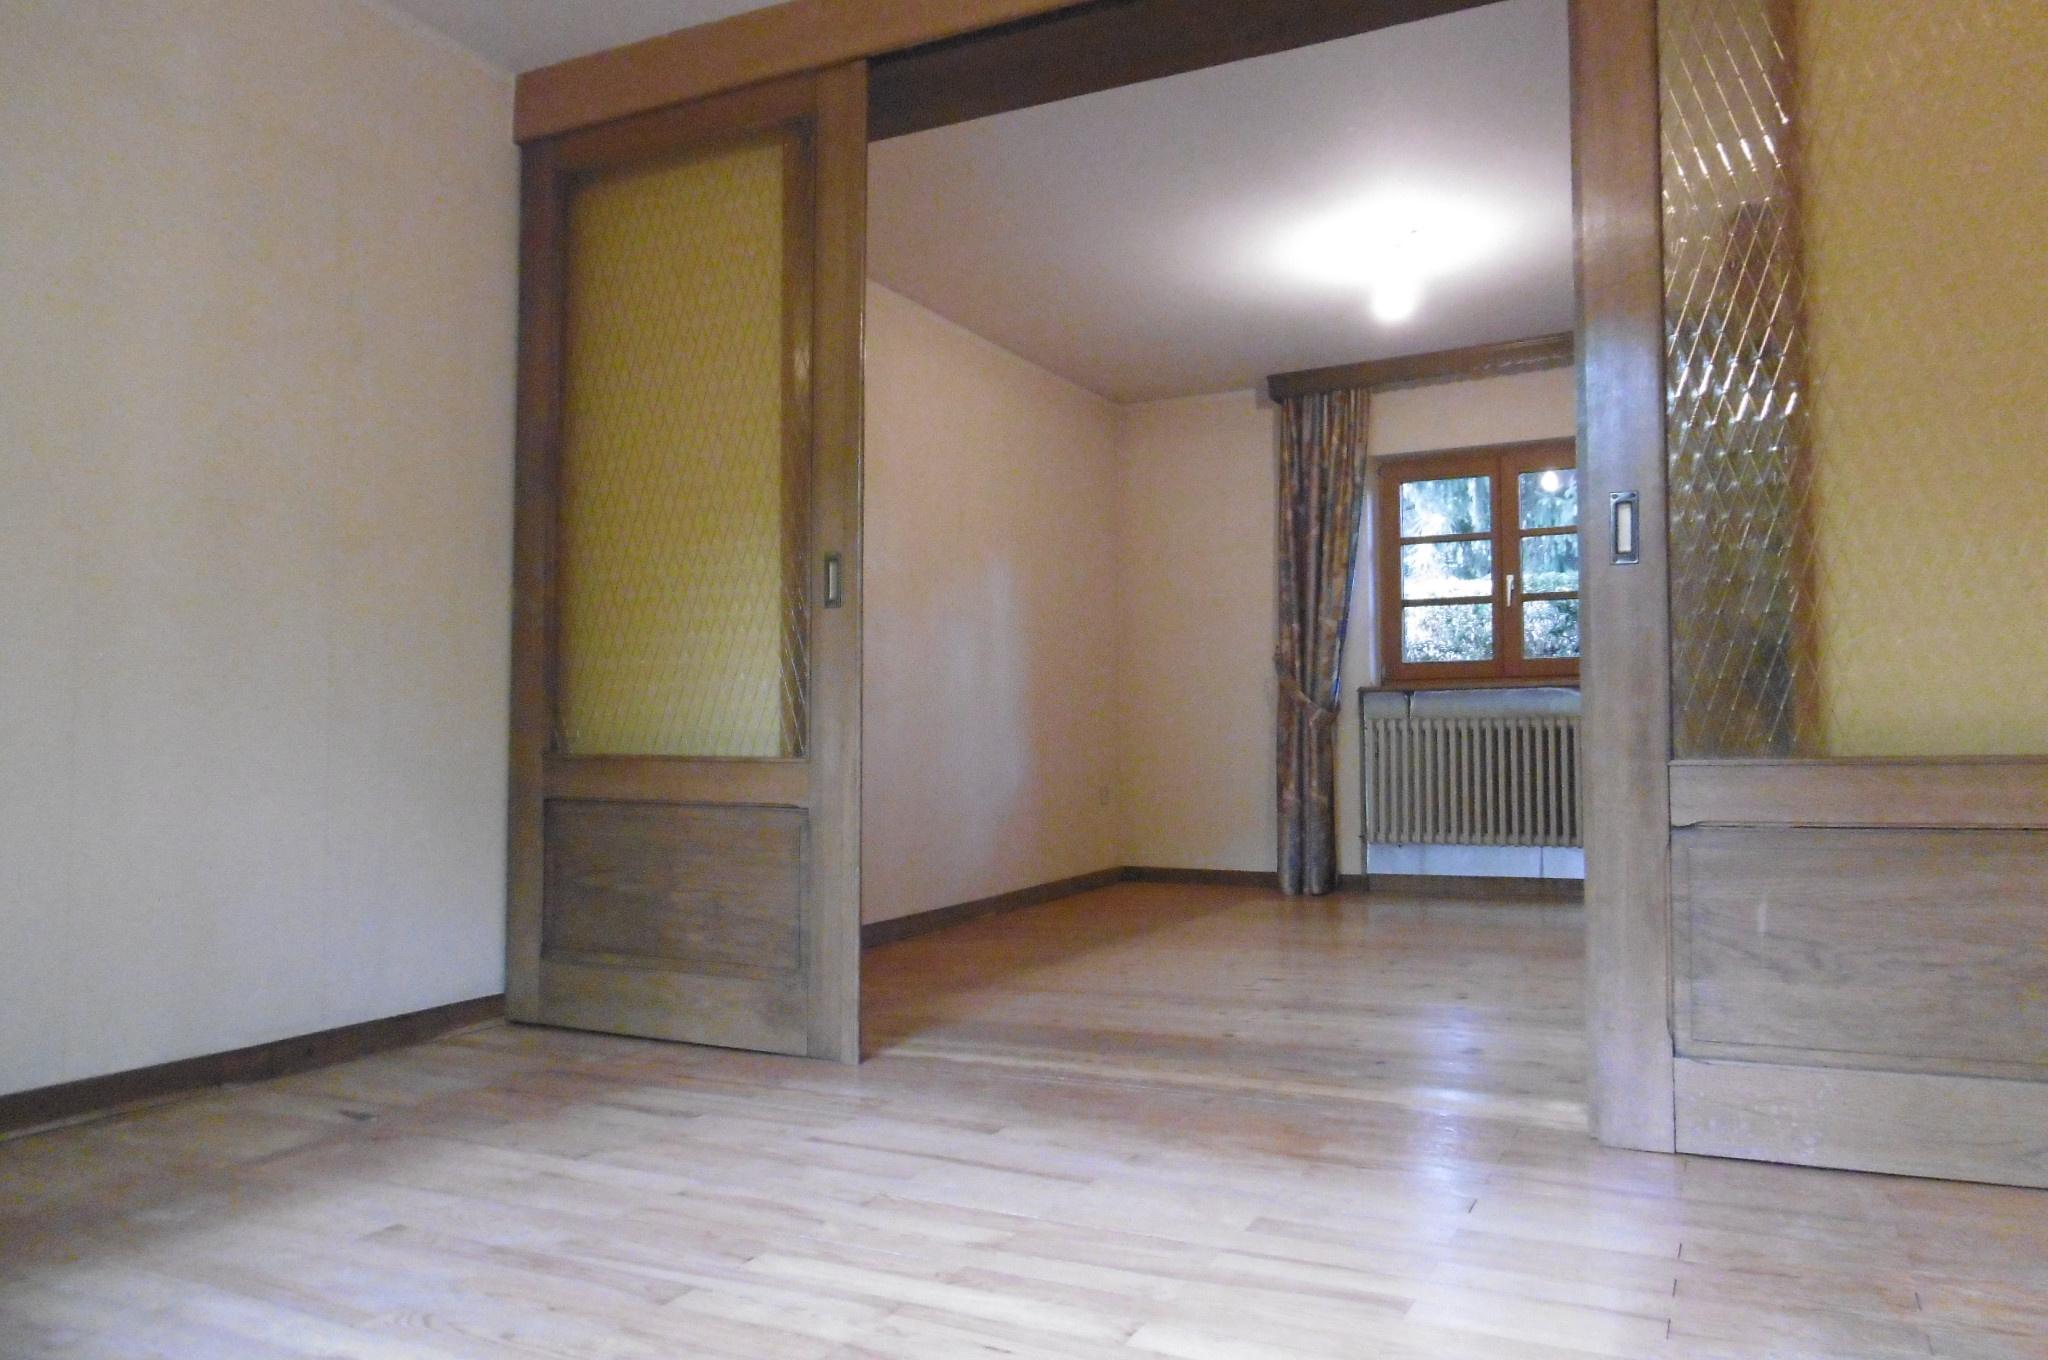 Rénover Une Maison Alsacienne rare: vendu:debut robertsau belle maison alsacienne de 210 m2 environ avec  dependance sur 6,70 ares /sous comp